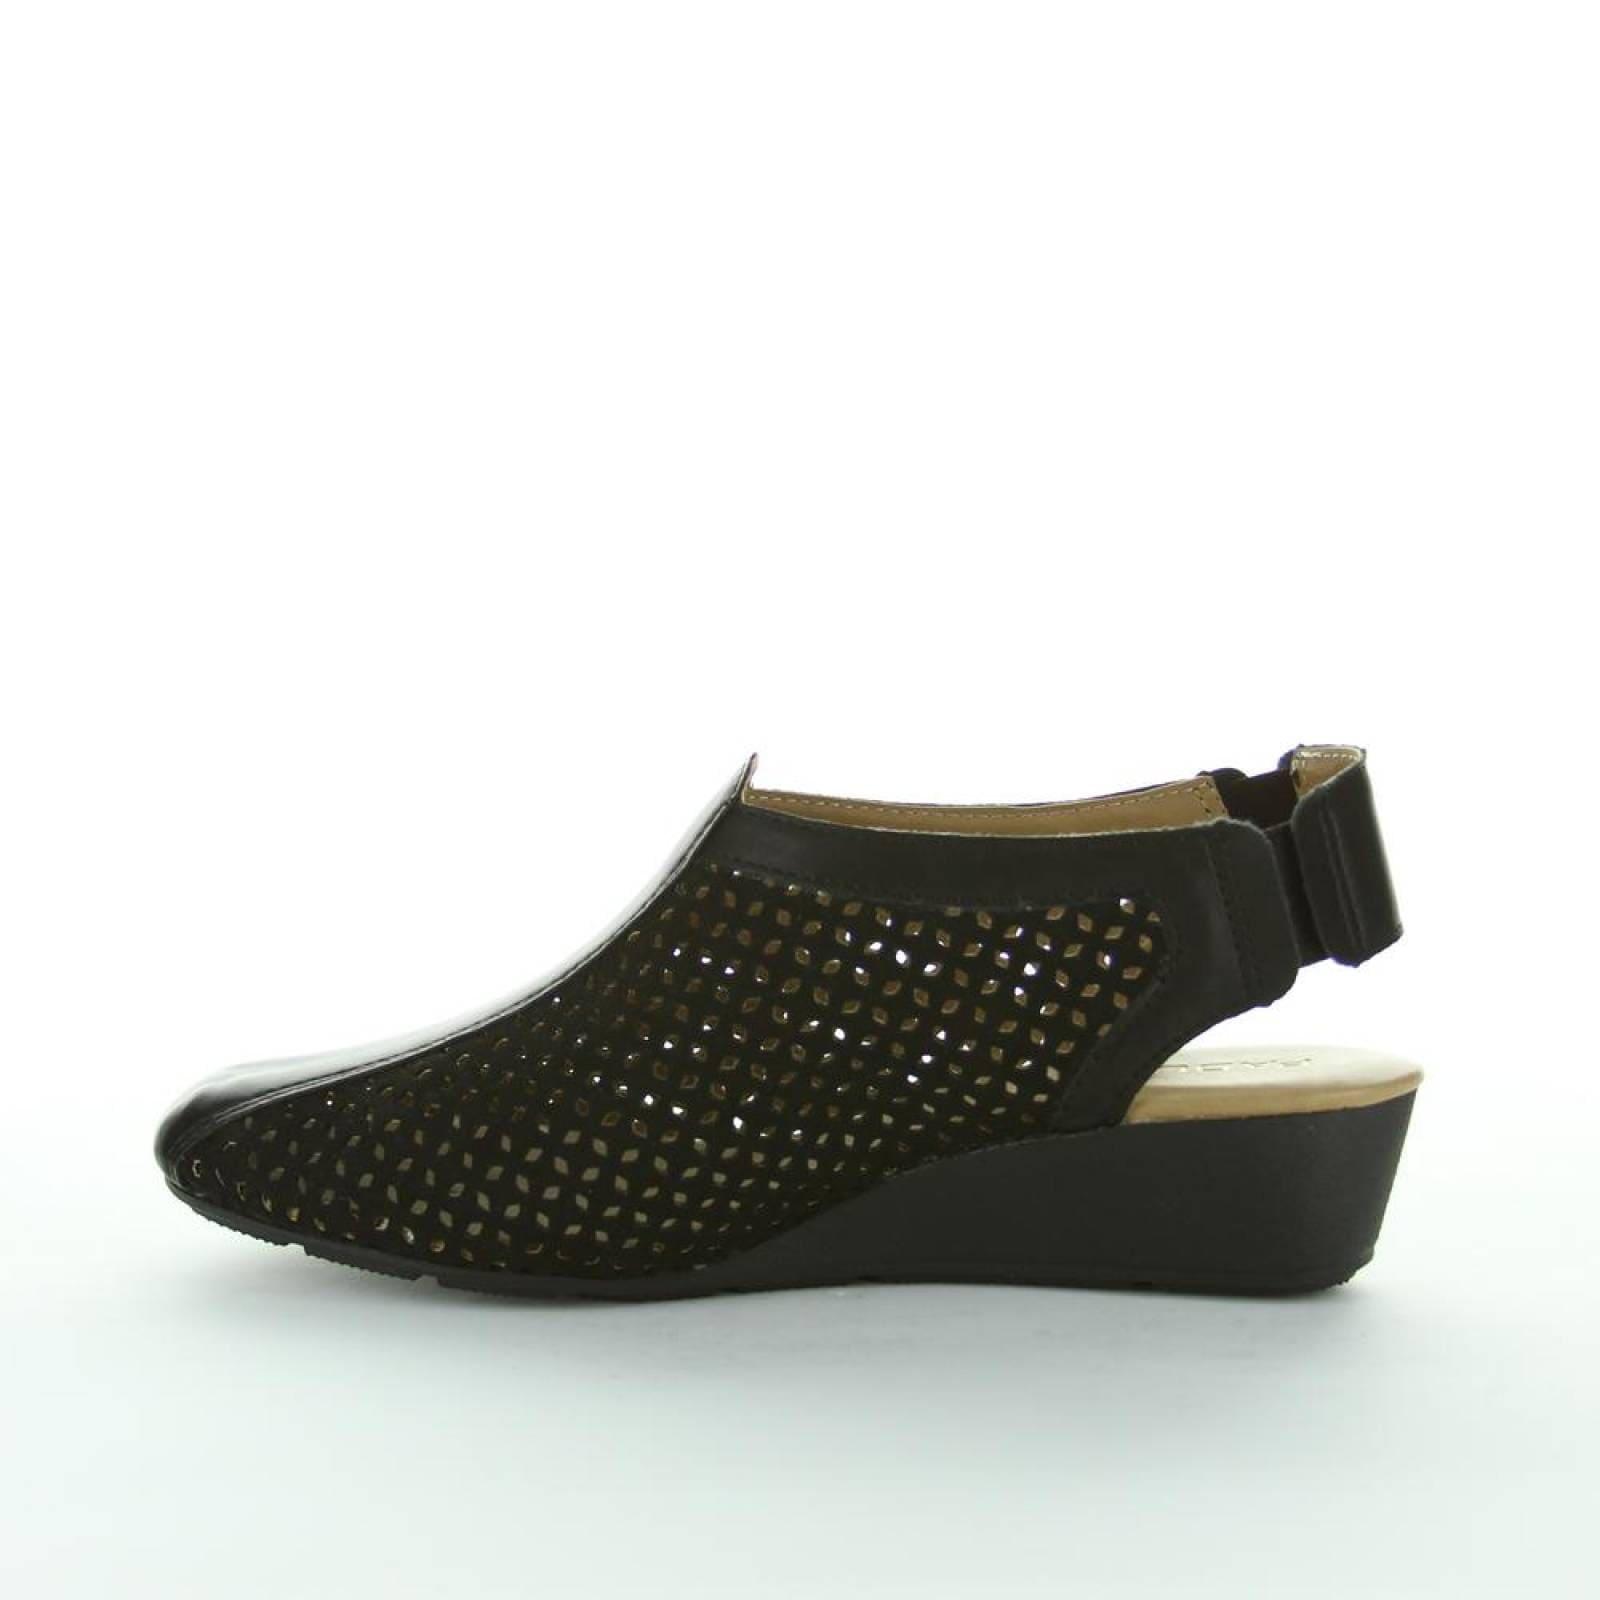 Zapato Cerrado Padus Mujer Negro Tipo Nobuk Har4004